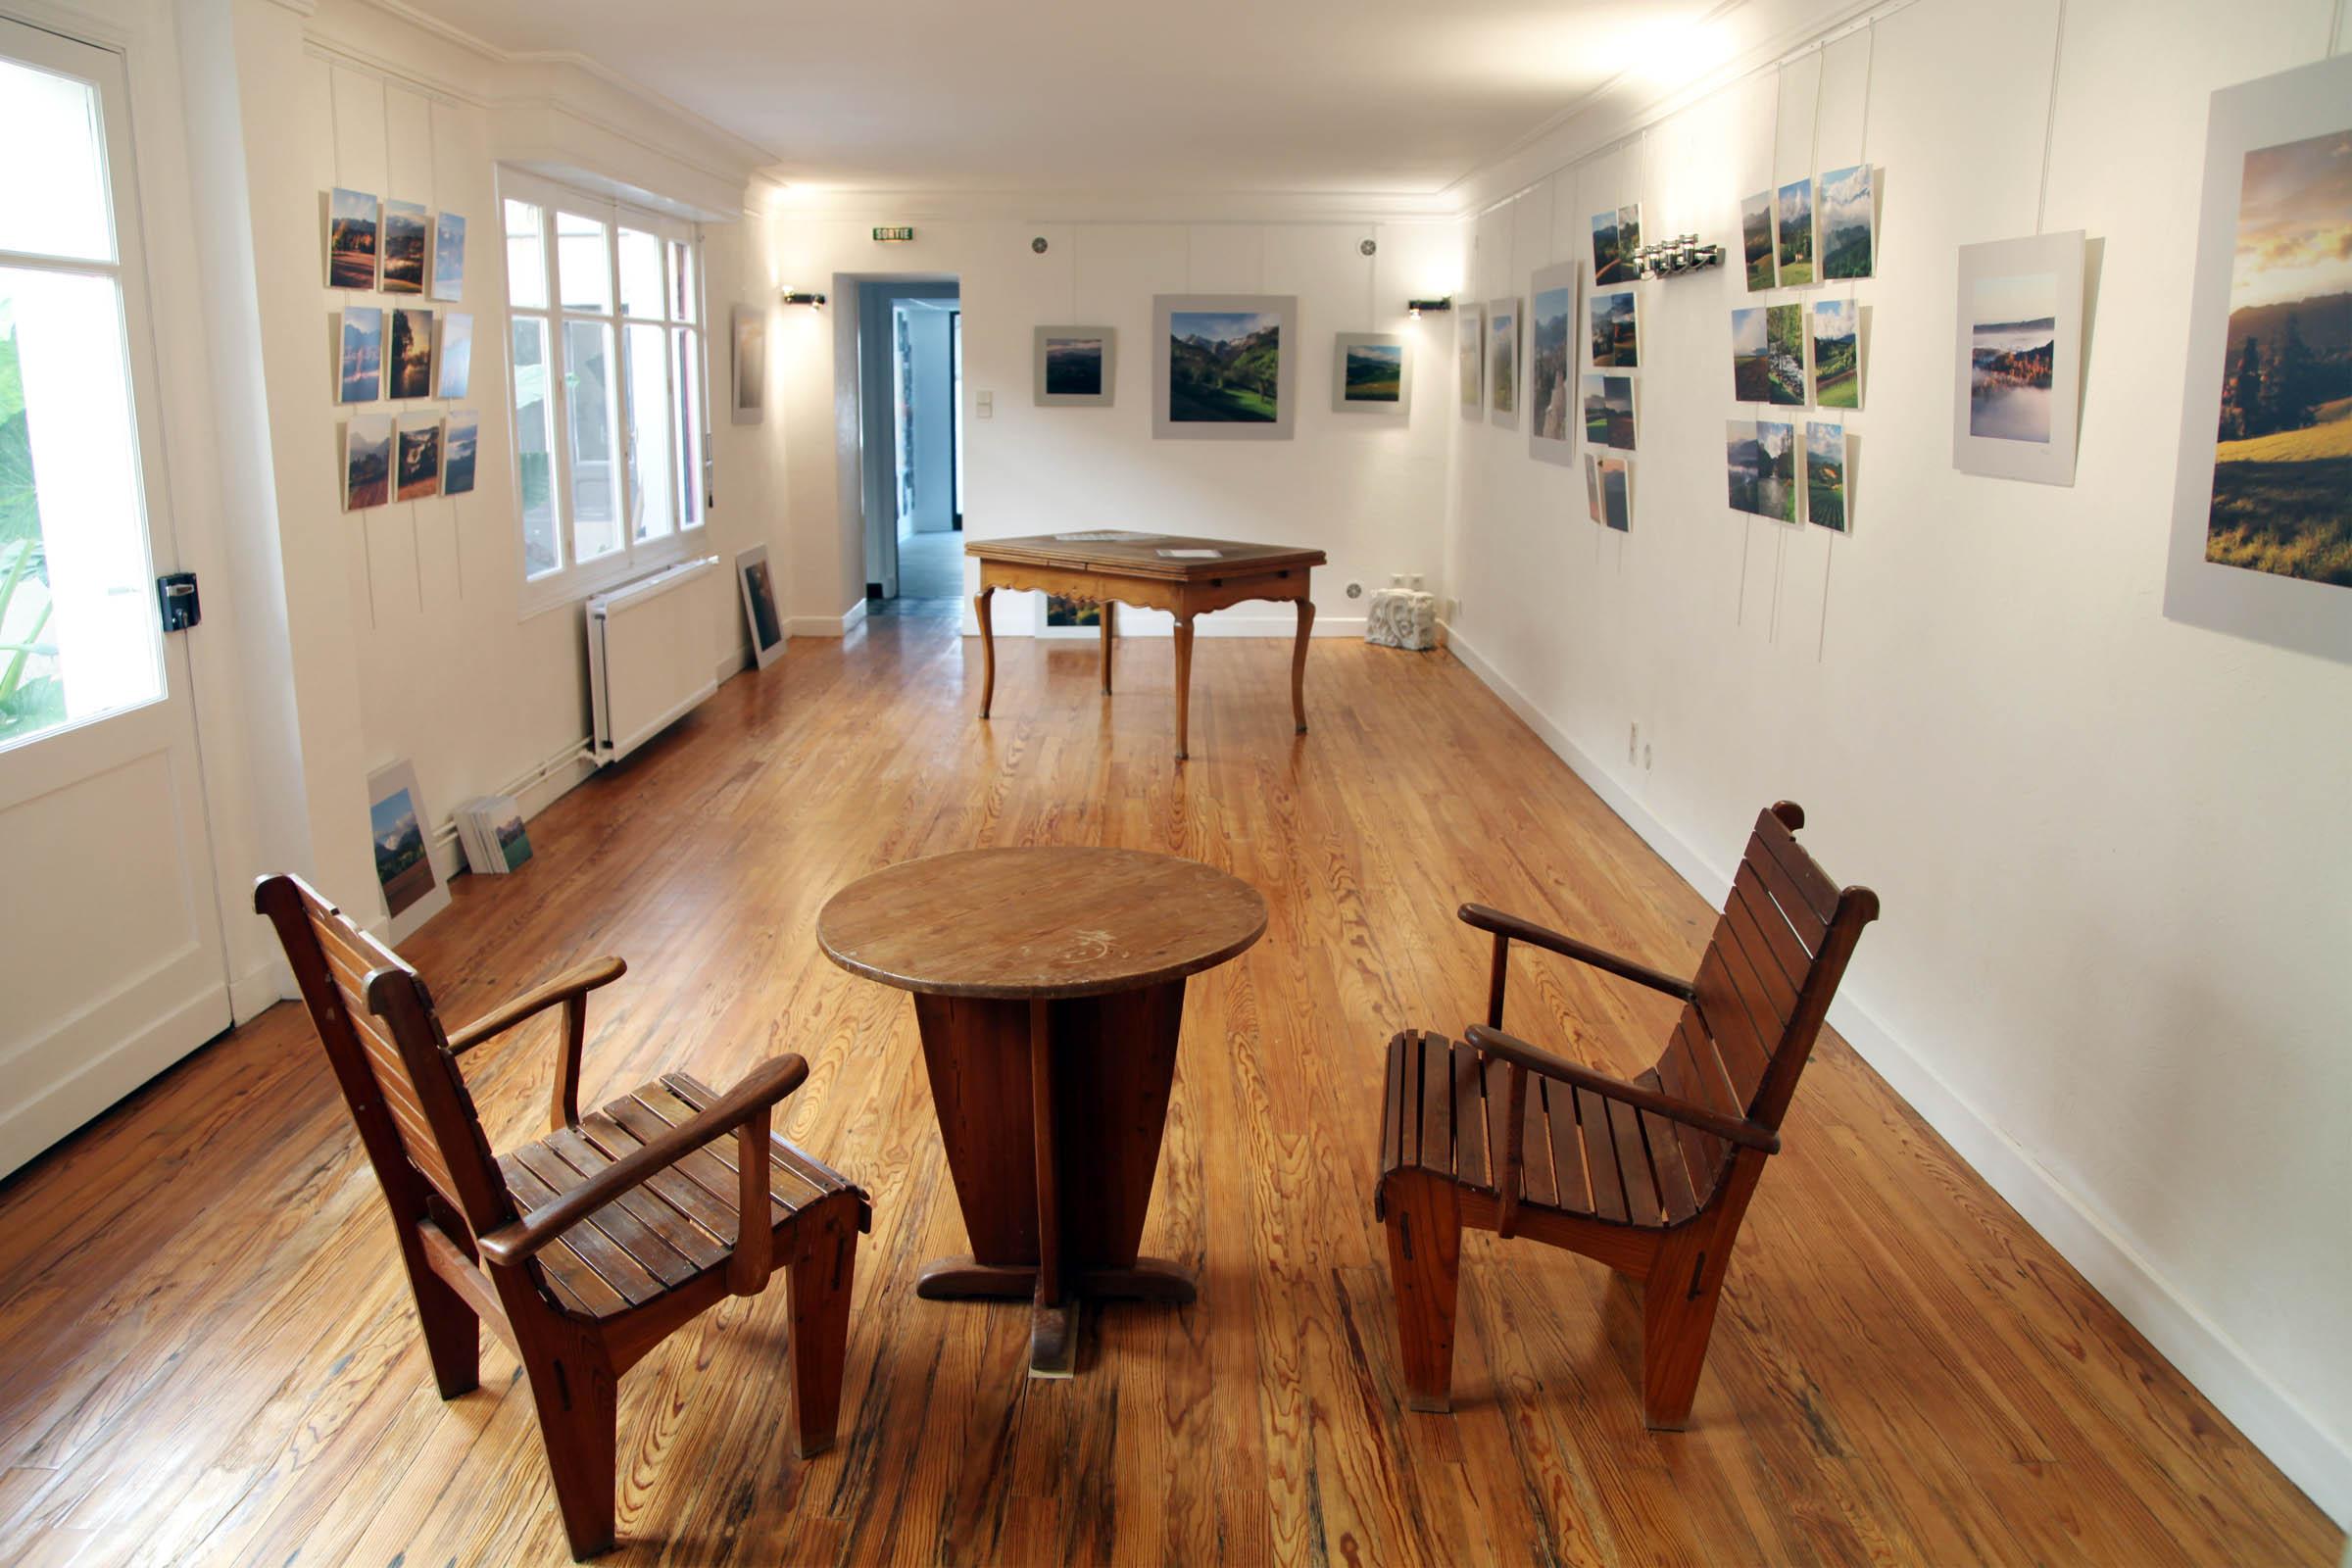 Salle d'exposition de l'atelier Stockli à Nay